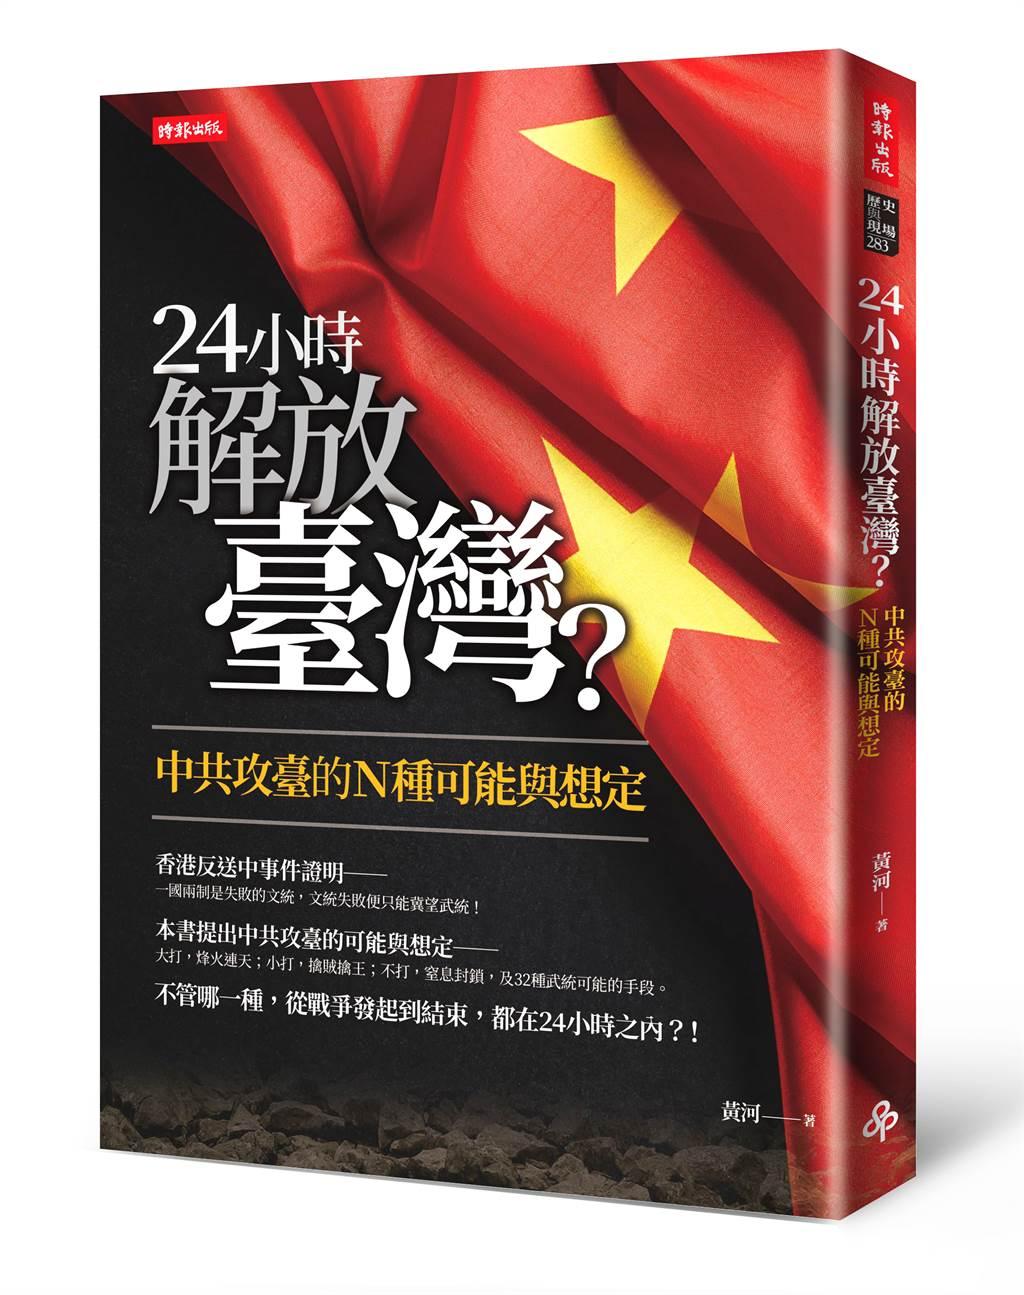 《24小時解放臺灣?:中共攻臺的N種可能與想定》。(時報出版提供)